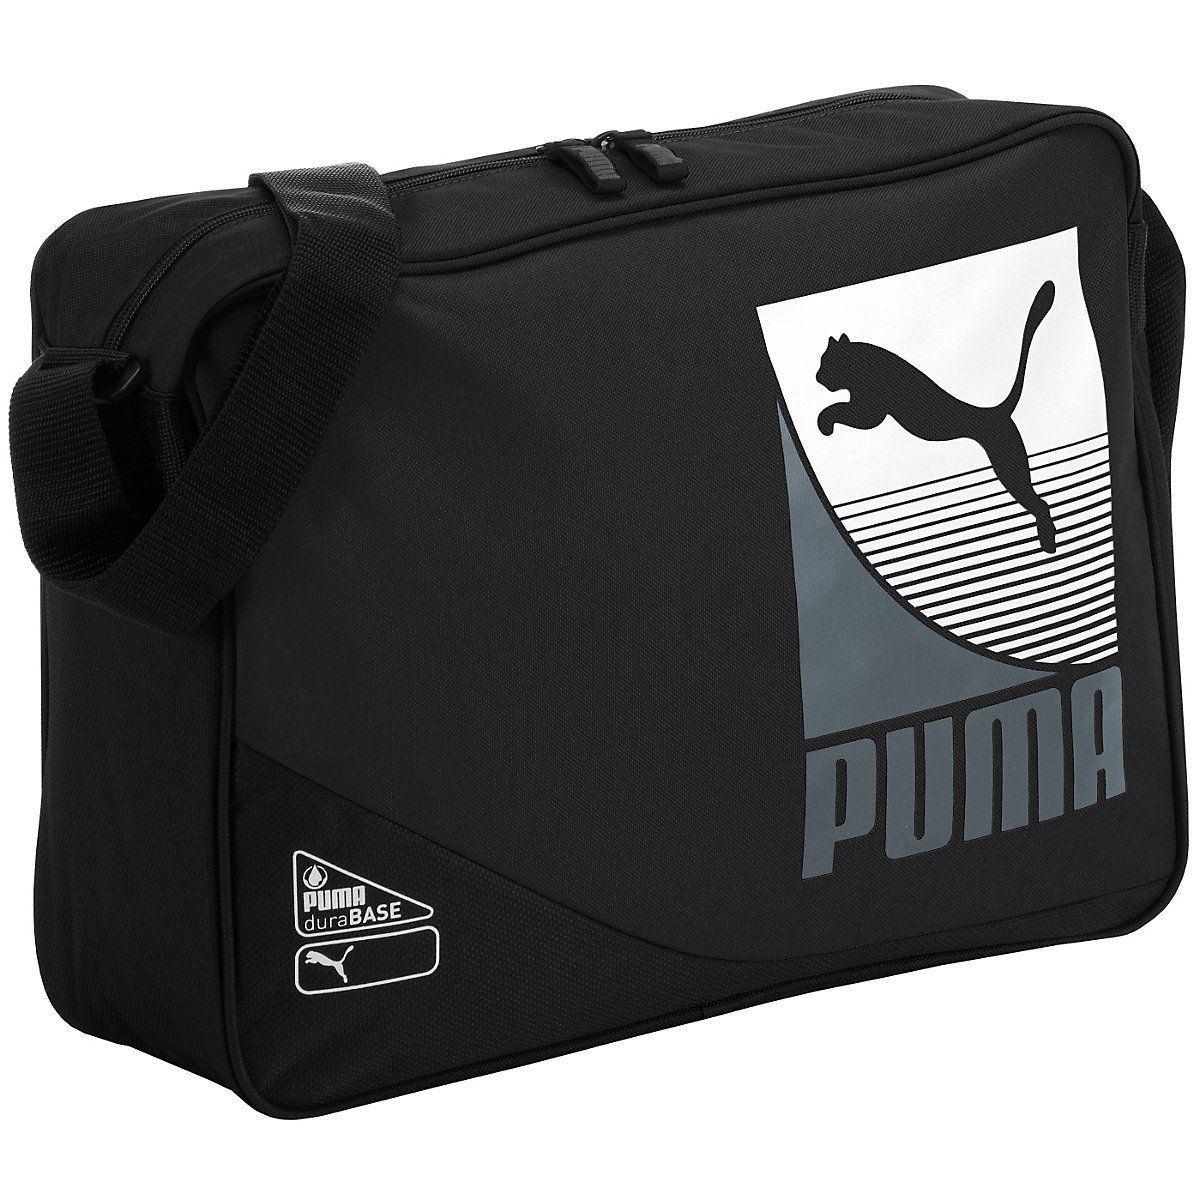 Details about Puma Unisex Puma Echo Shoulder Bag Black (7151401) cd82d168fac48